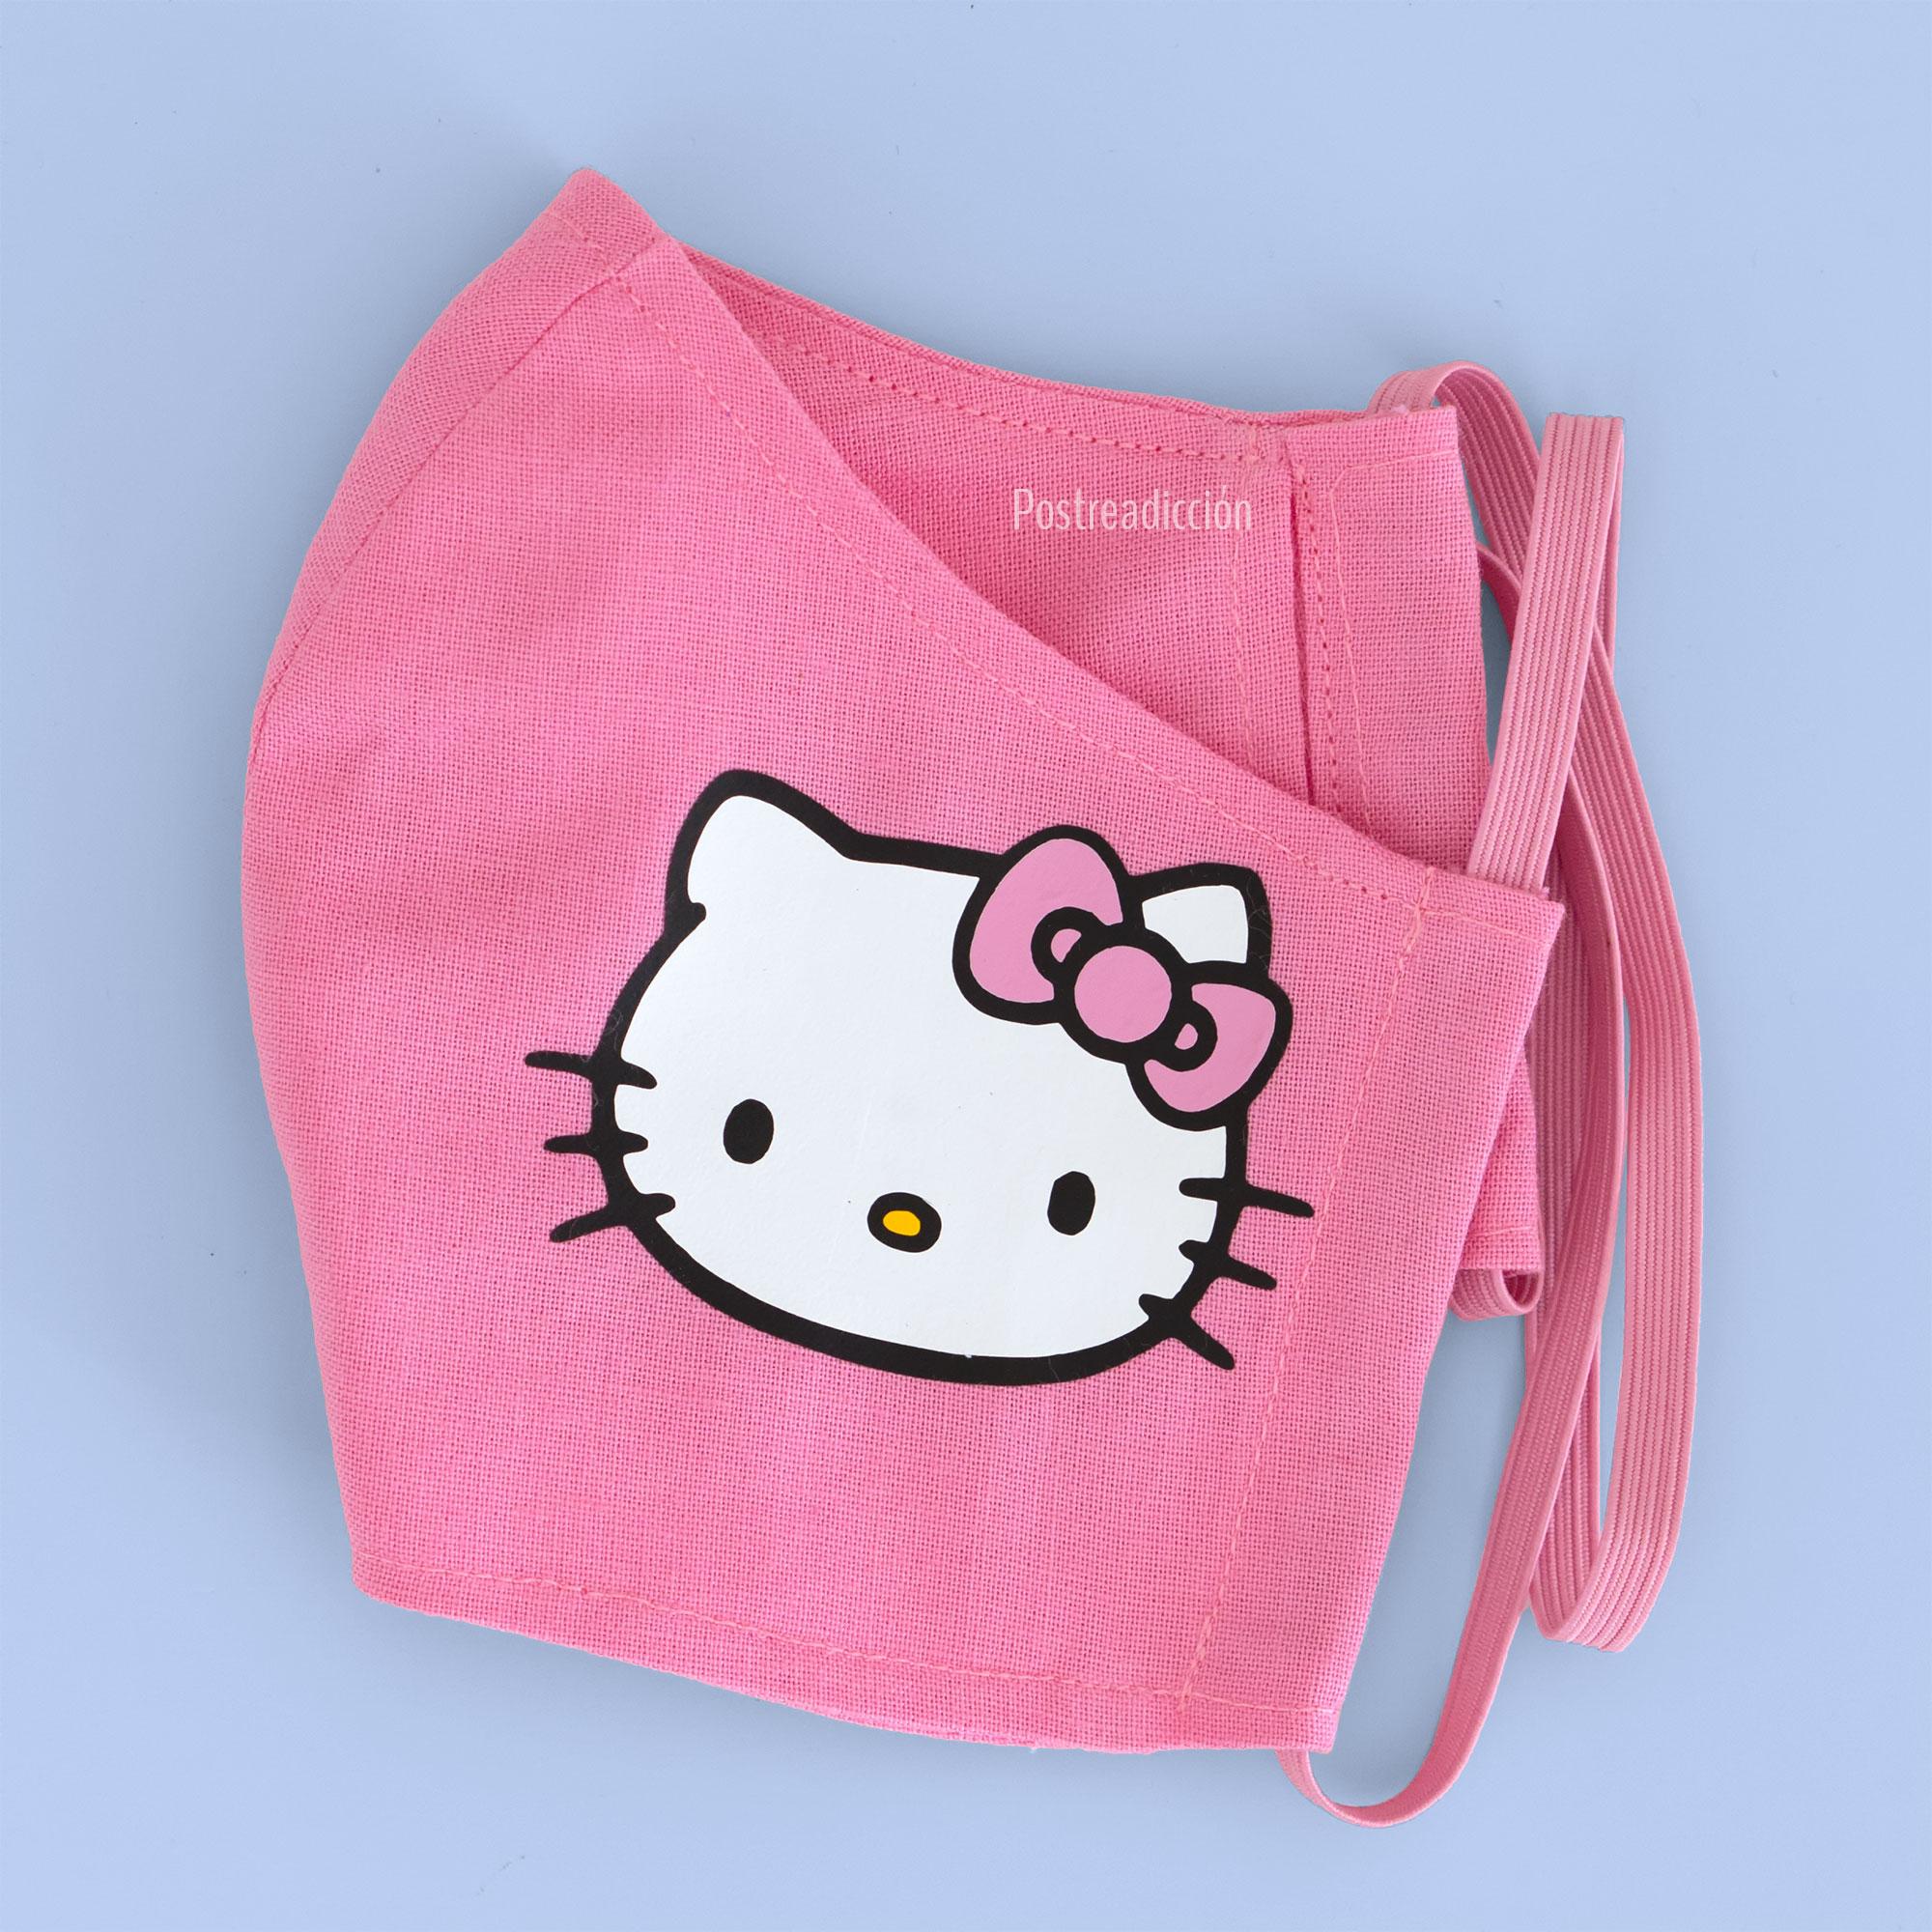 Imagen del producto: Mascarilla con Hello Kitty en vinilo textil